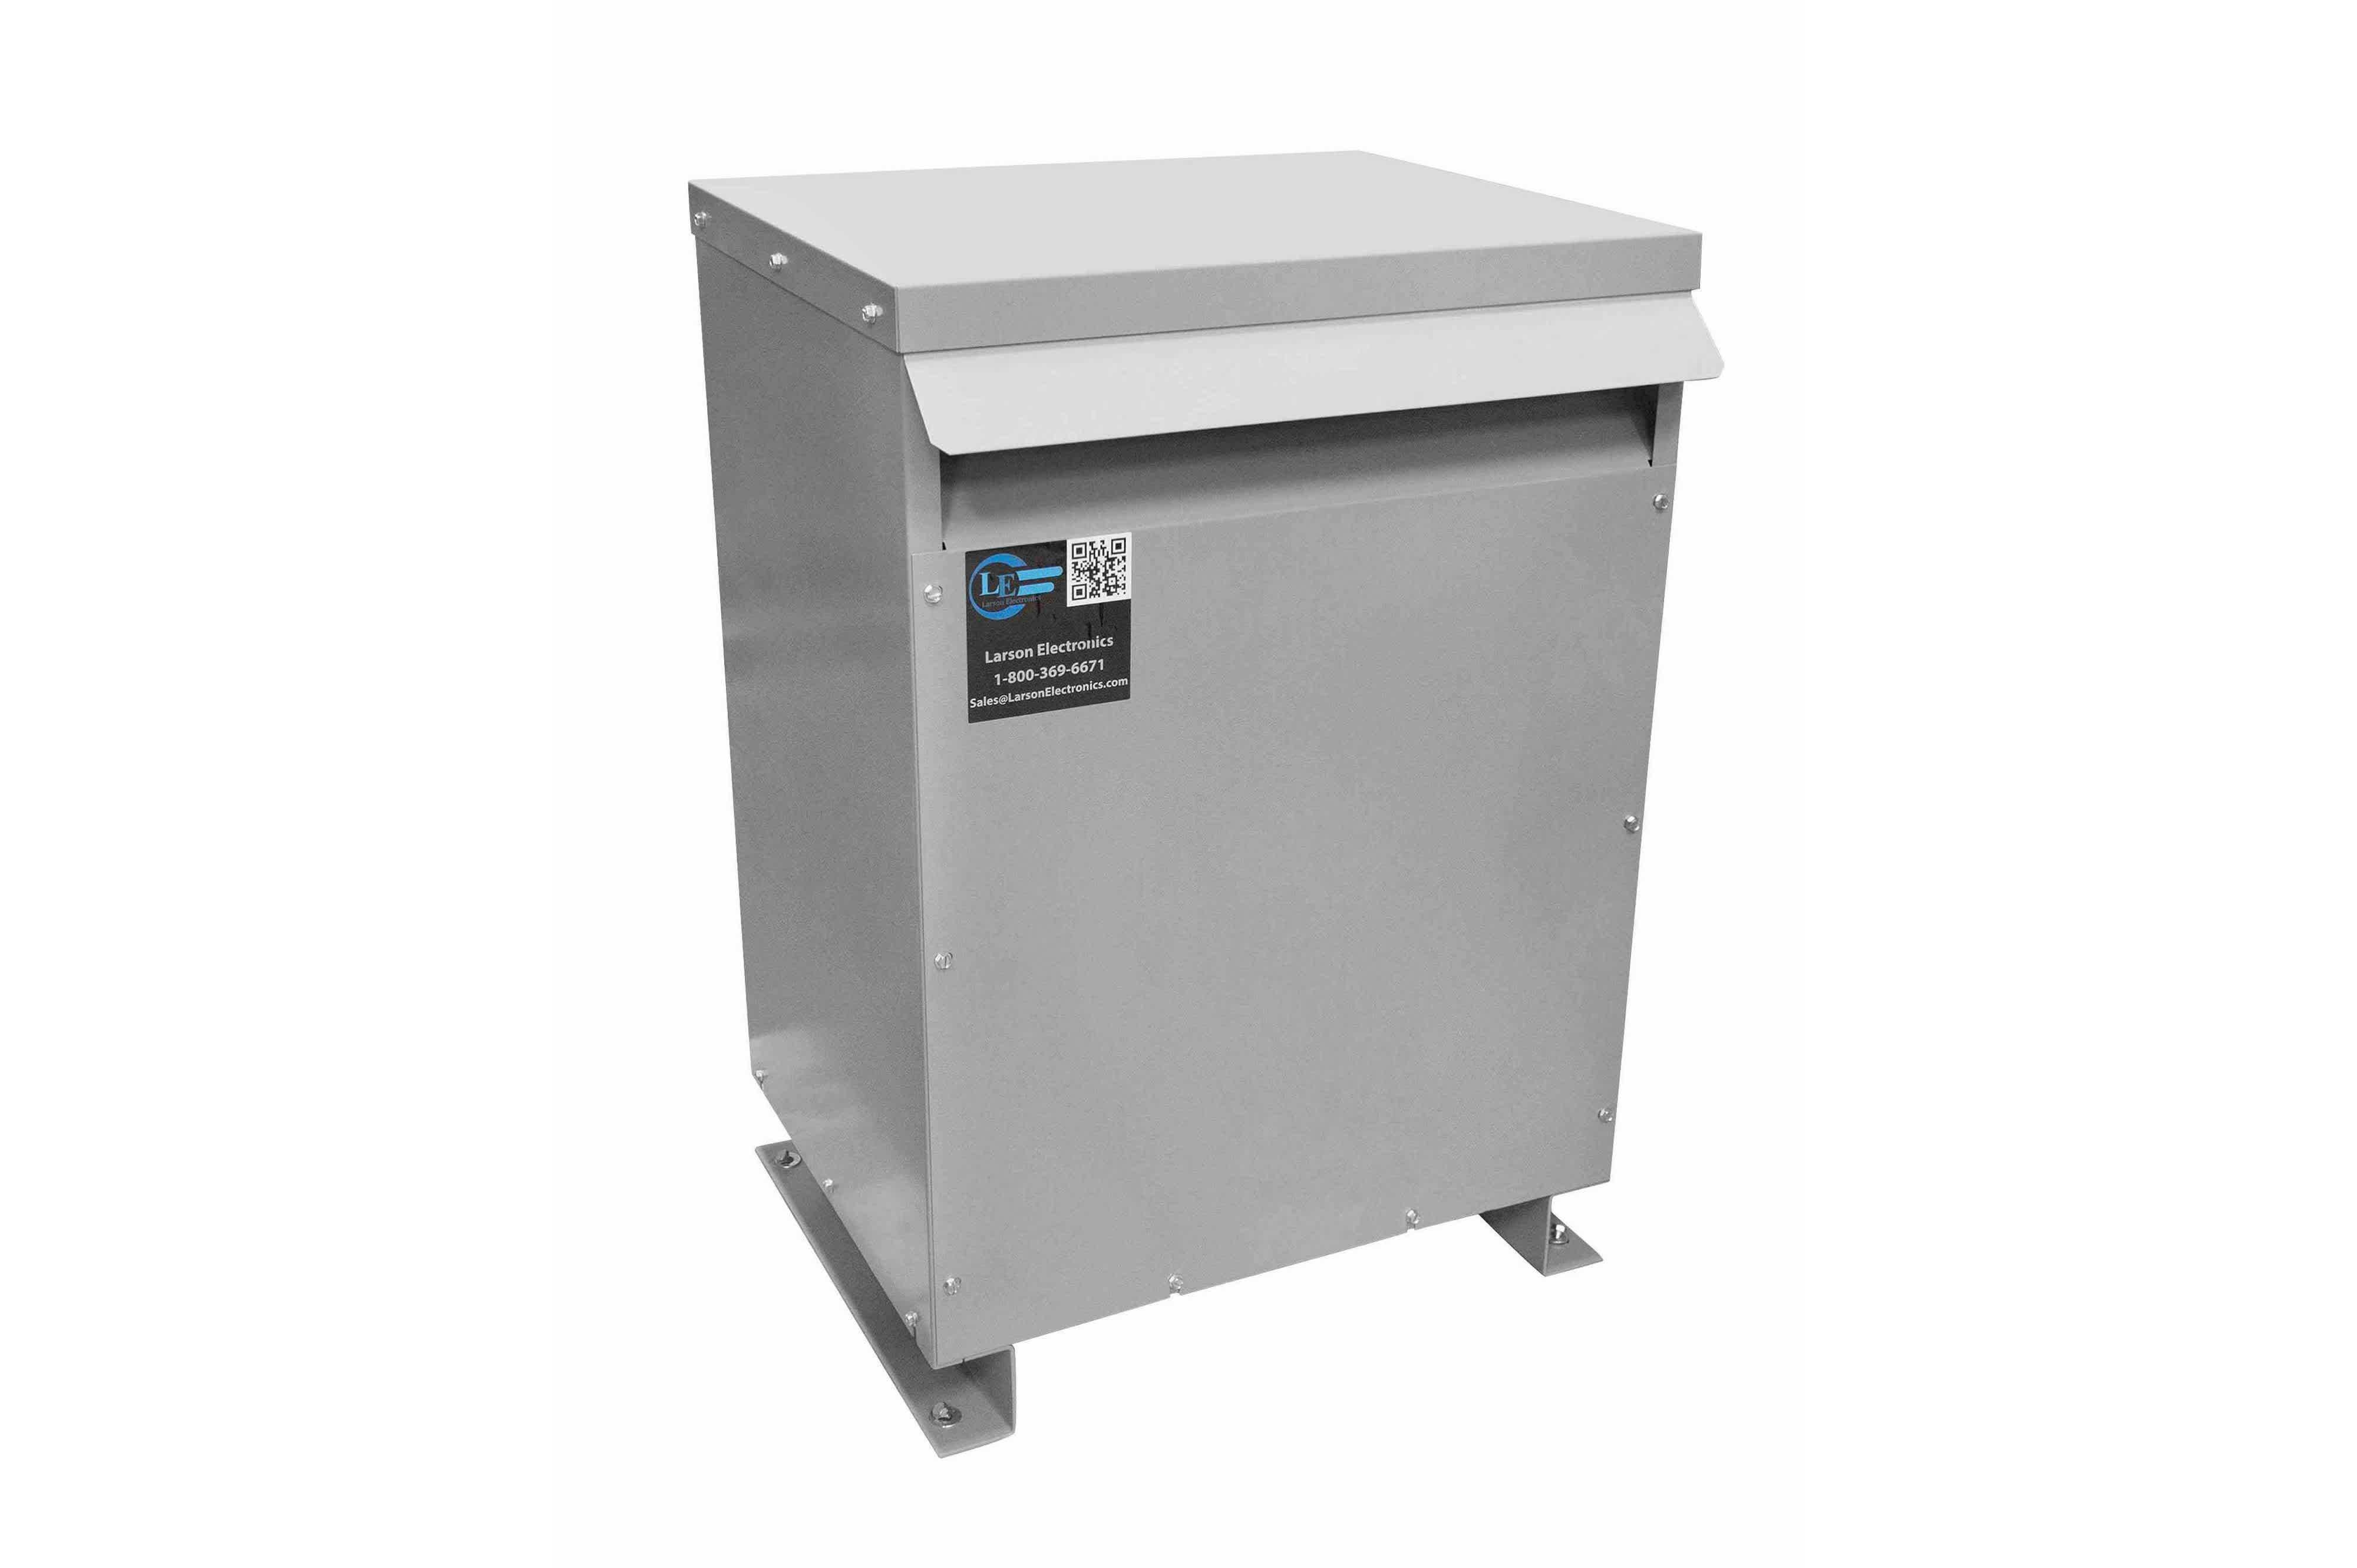 137.5 kVA 3PH Isolation Transformer, 600V Delta Primary, 240 Delta Secondary, N3R, Ventilated, 60 Hz